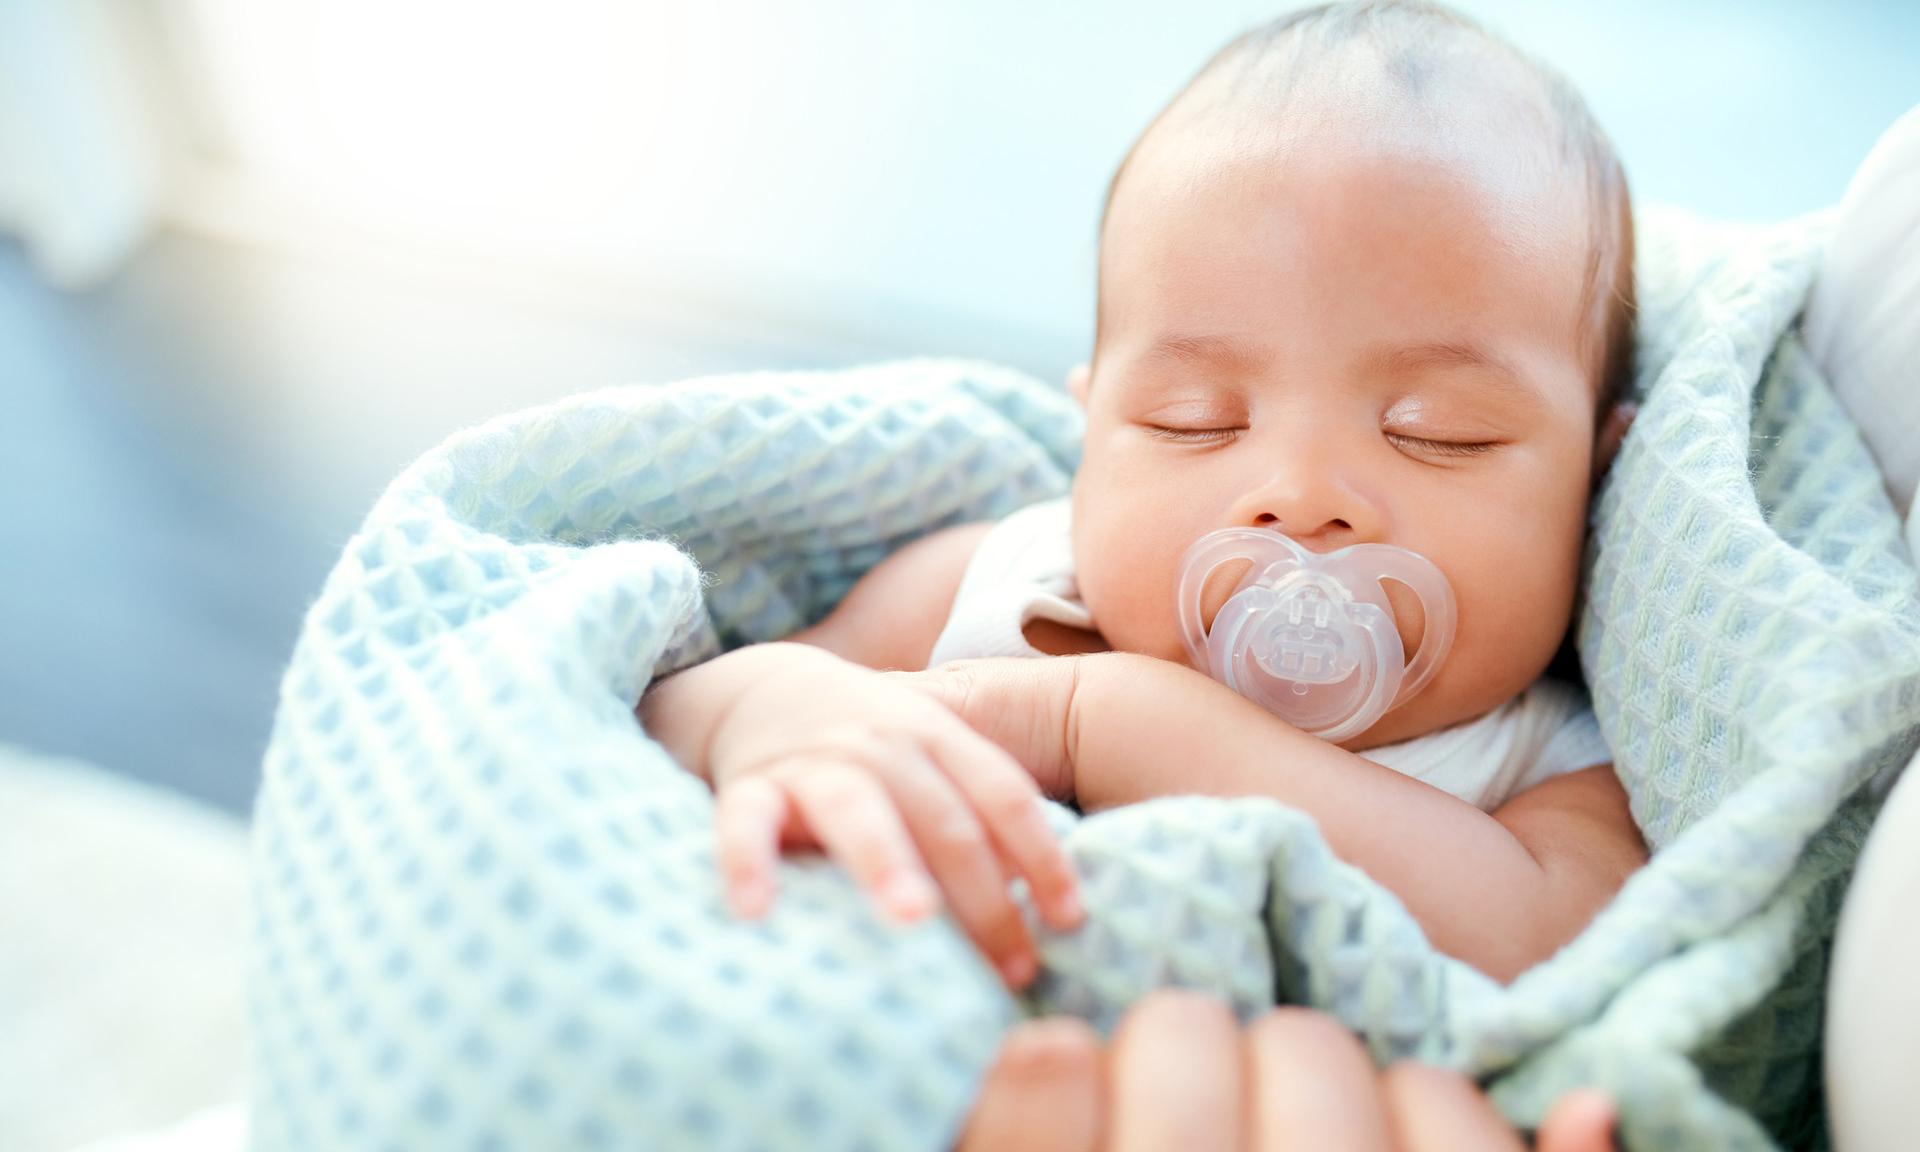 Пупочная грыжа у новорожденного: нужно ли делать операцию